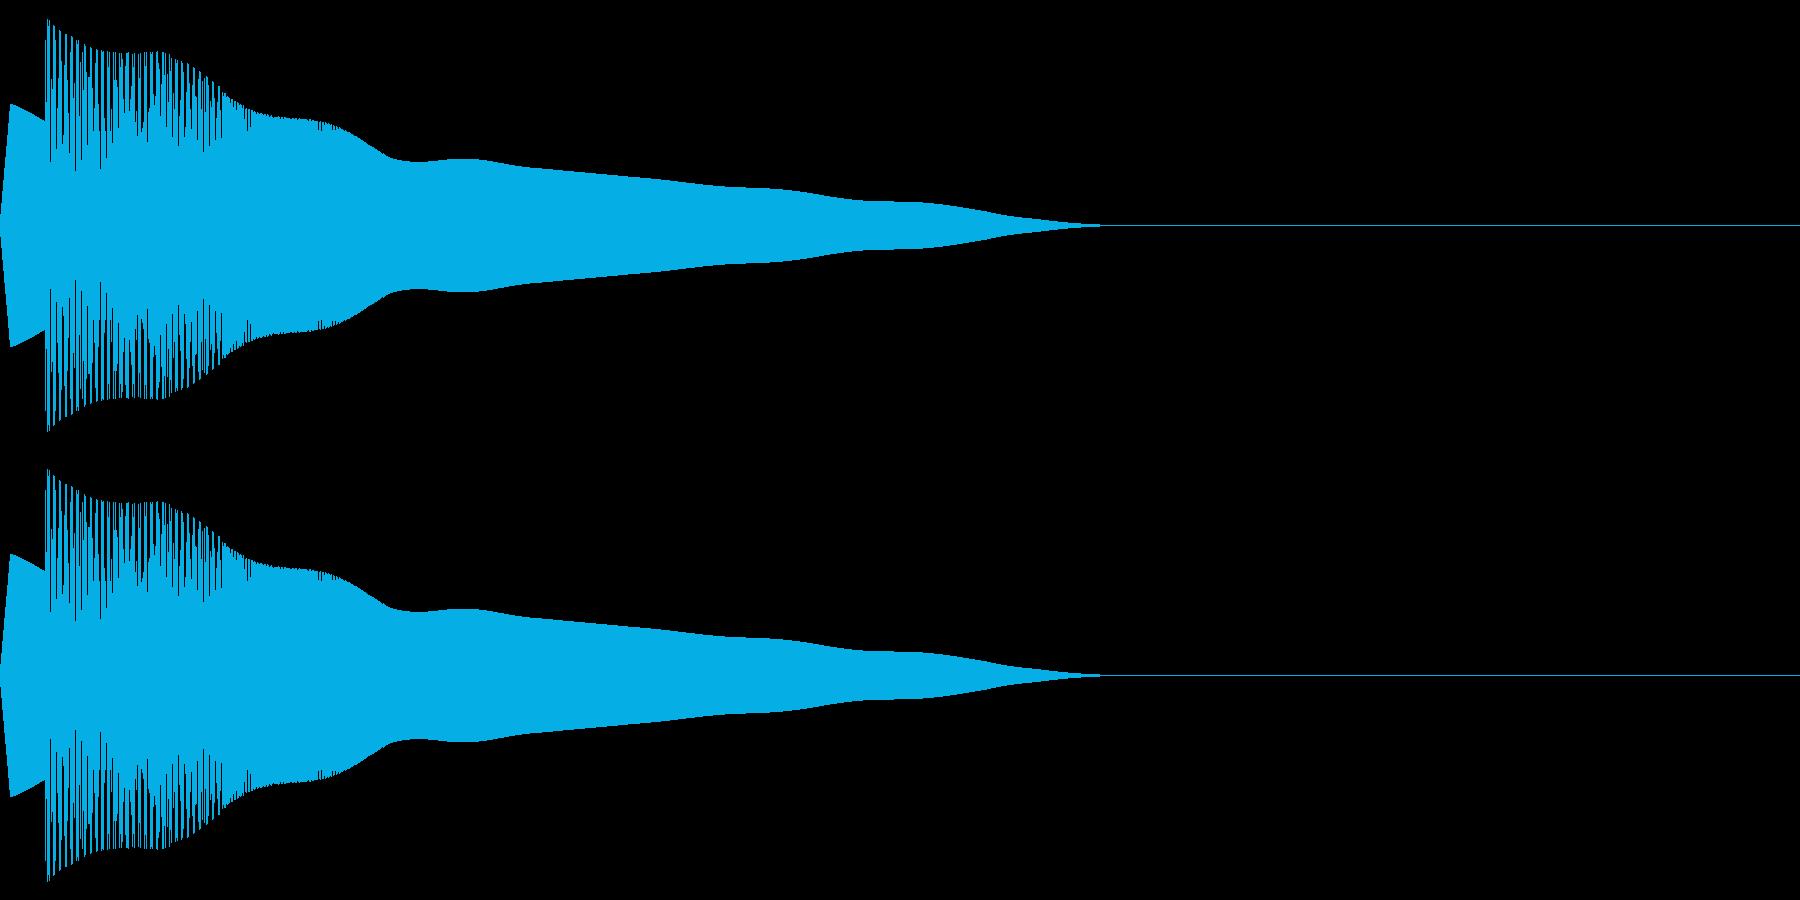 ピヨポン(決定/選択/かわいい/ピコピコの再生済みの波形